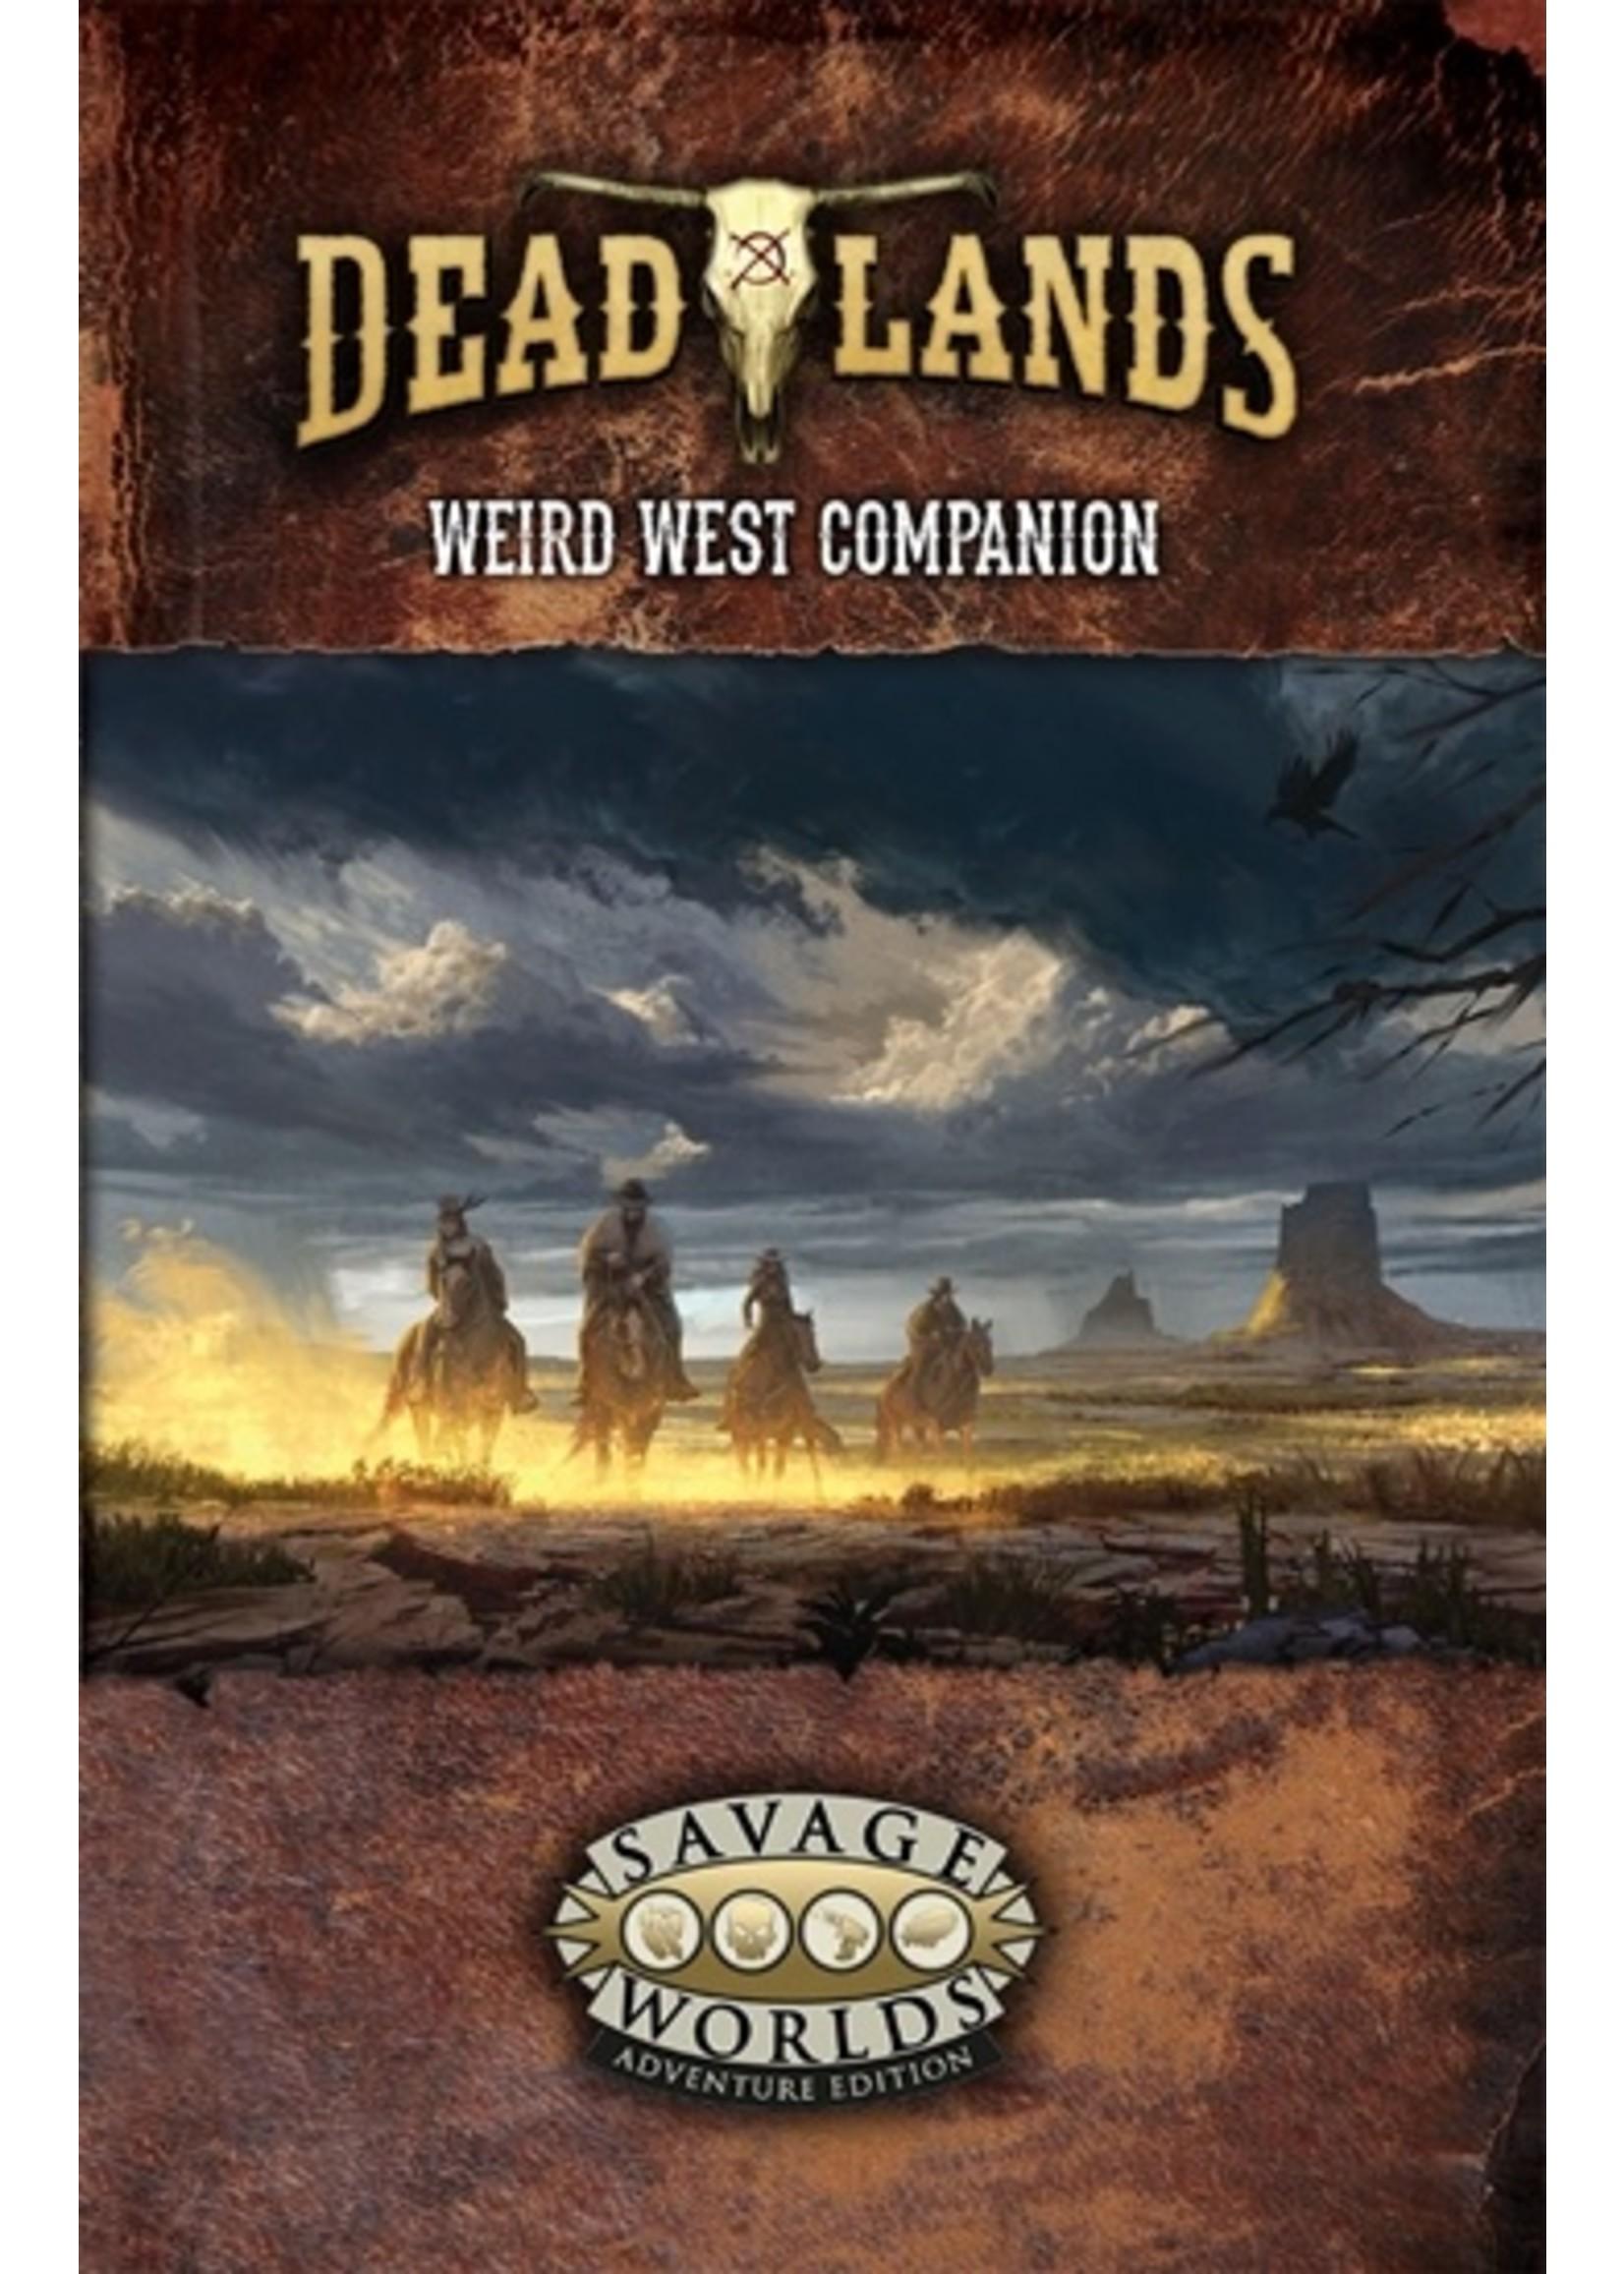 Savage Worlds RPG: Deadlands - The Weird West Companion